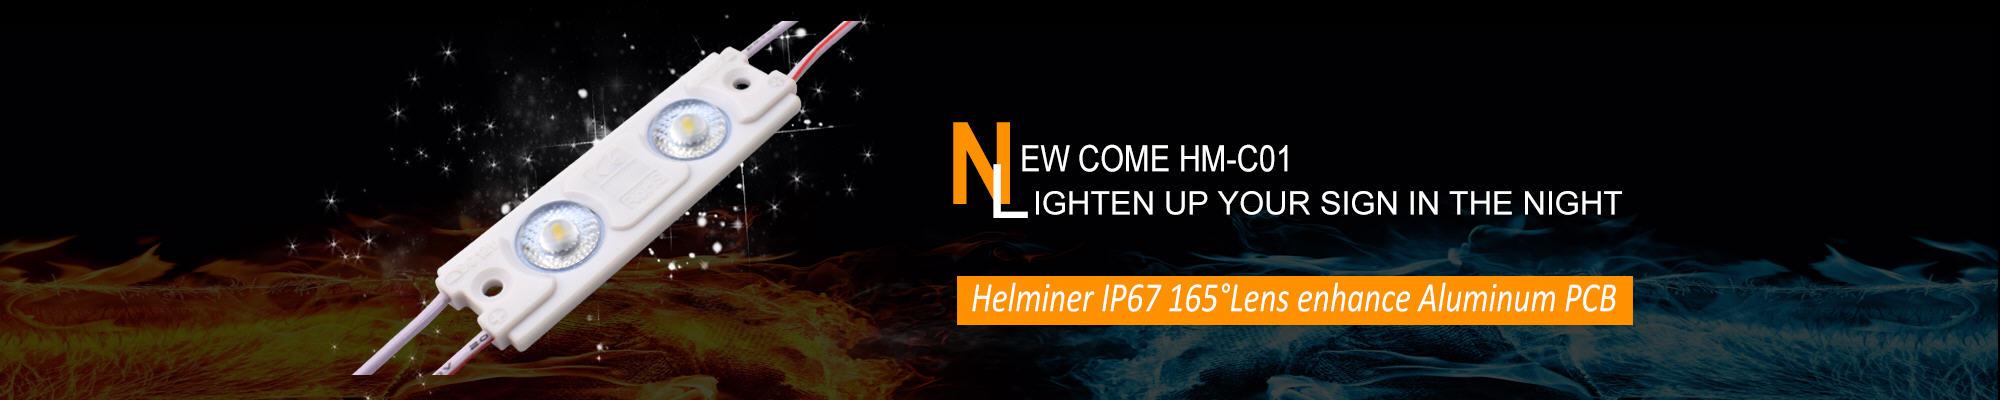 Módulos LED para rótulos luminosos,Moduli per lettere scatolate ,   Moduli per cassonetti luminosi,led pour enseigne lumineuse,LED MODUL FÜR LICHTWERBUNG